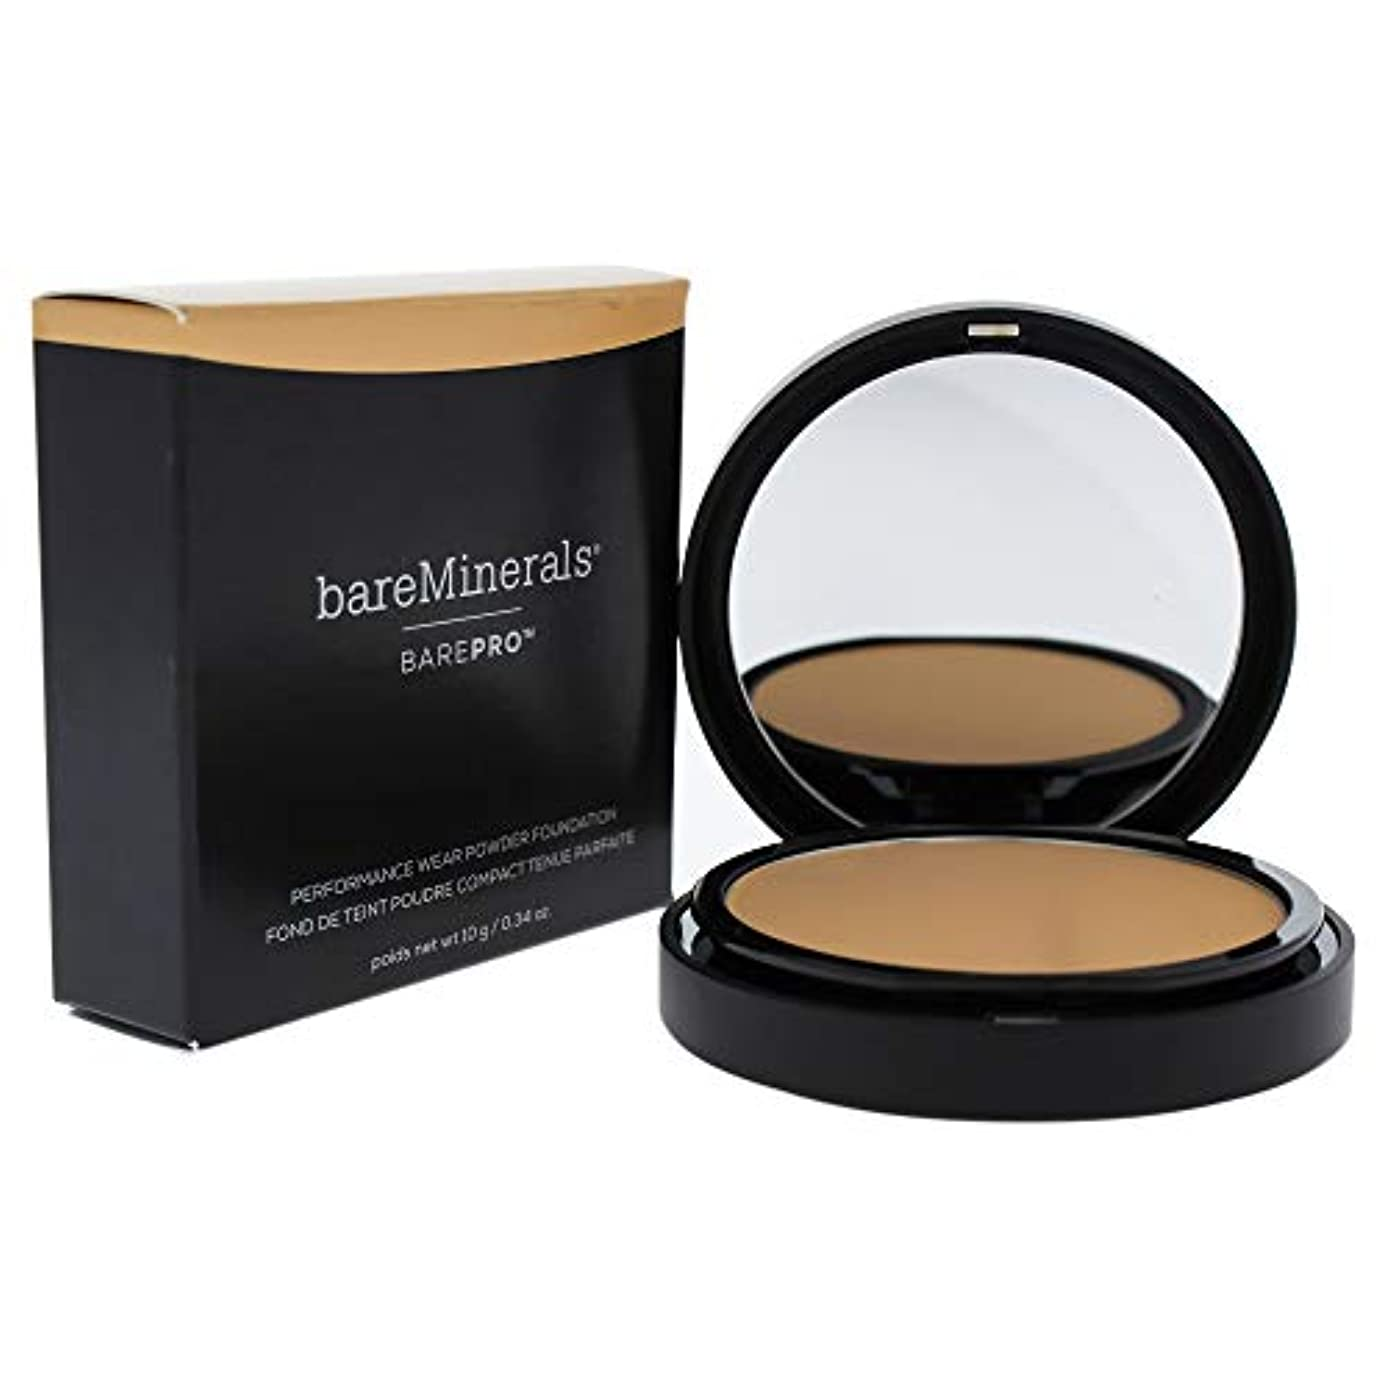 種類調整する強要ベアミネラル BarePro Performance Wear Powder Foundation - # 13 Golden Nude 10g/0.34oz並行輸入品